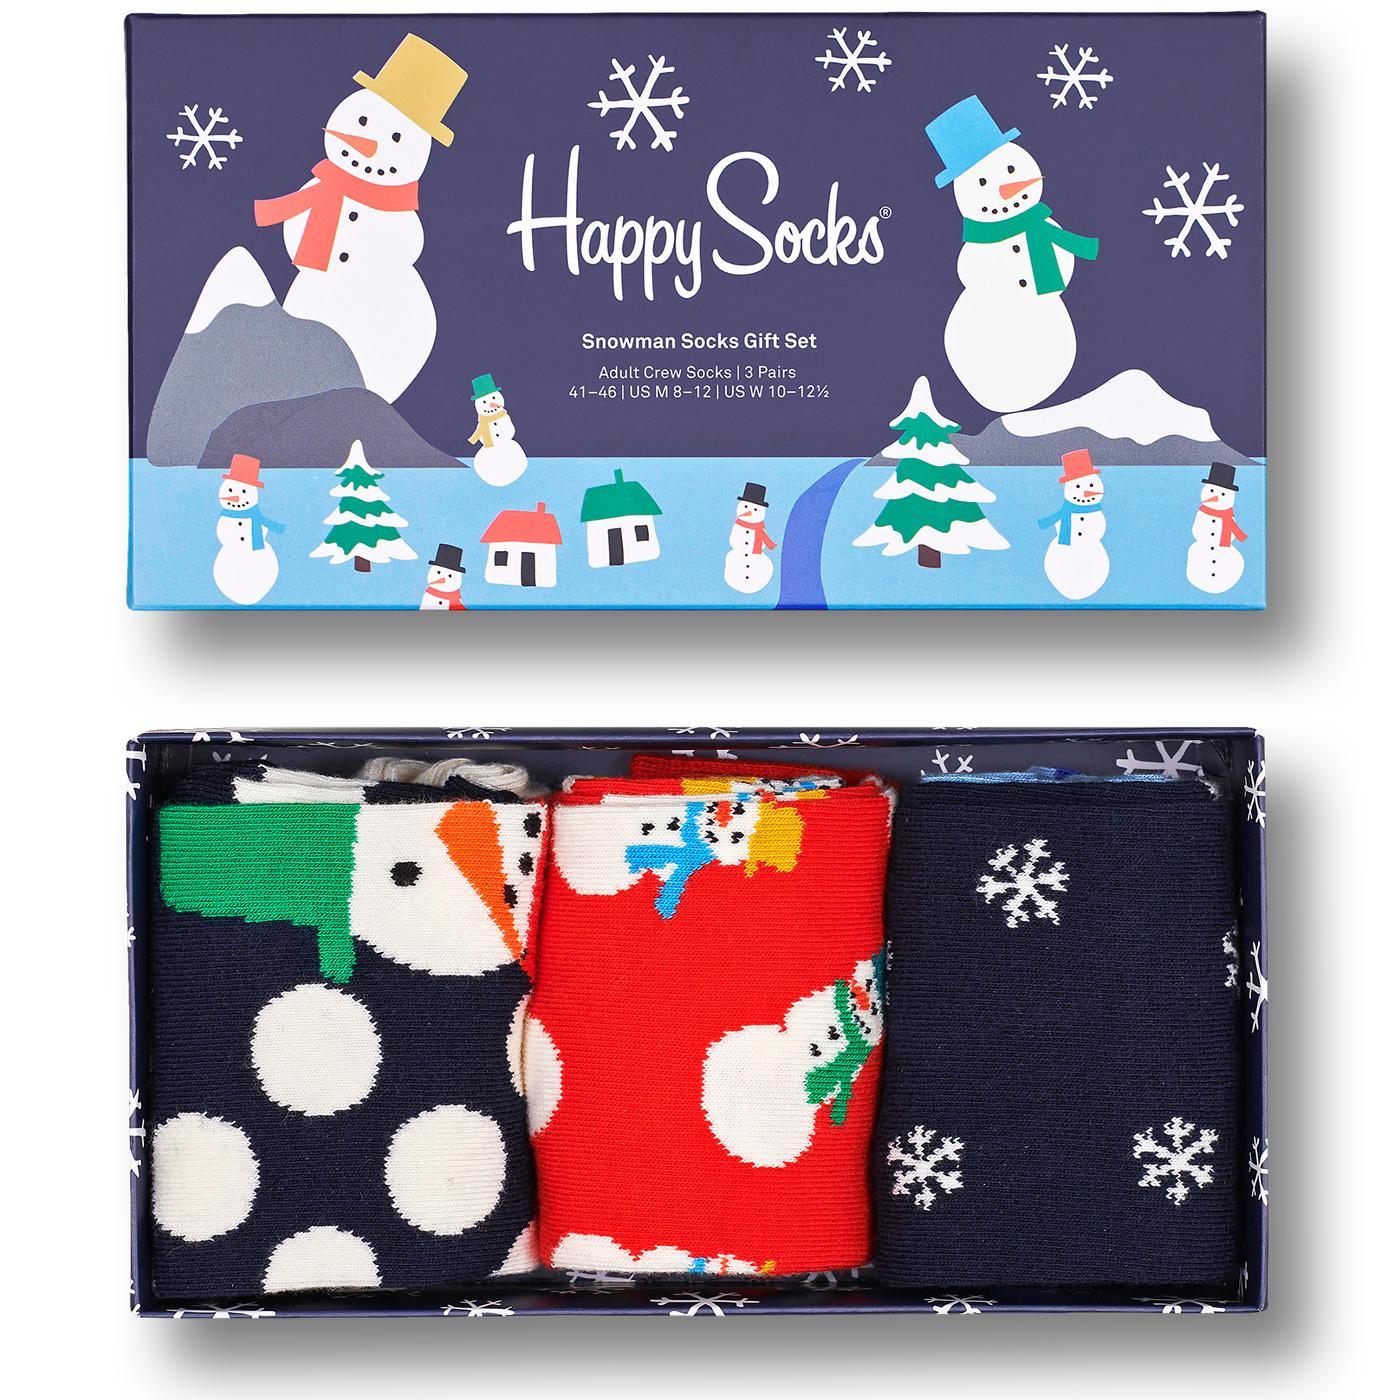 + HAPPY SOCKS 3 Pack Snowman Socks Gift Set